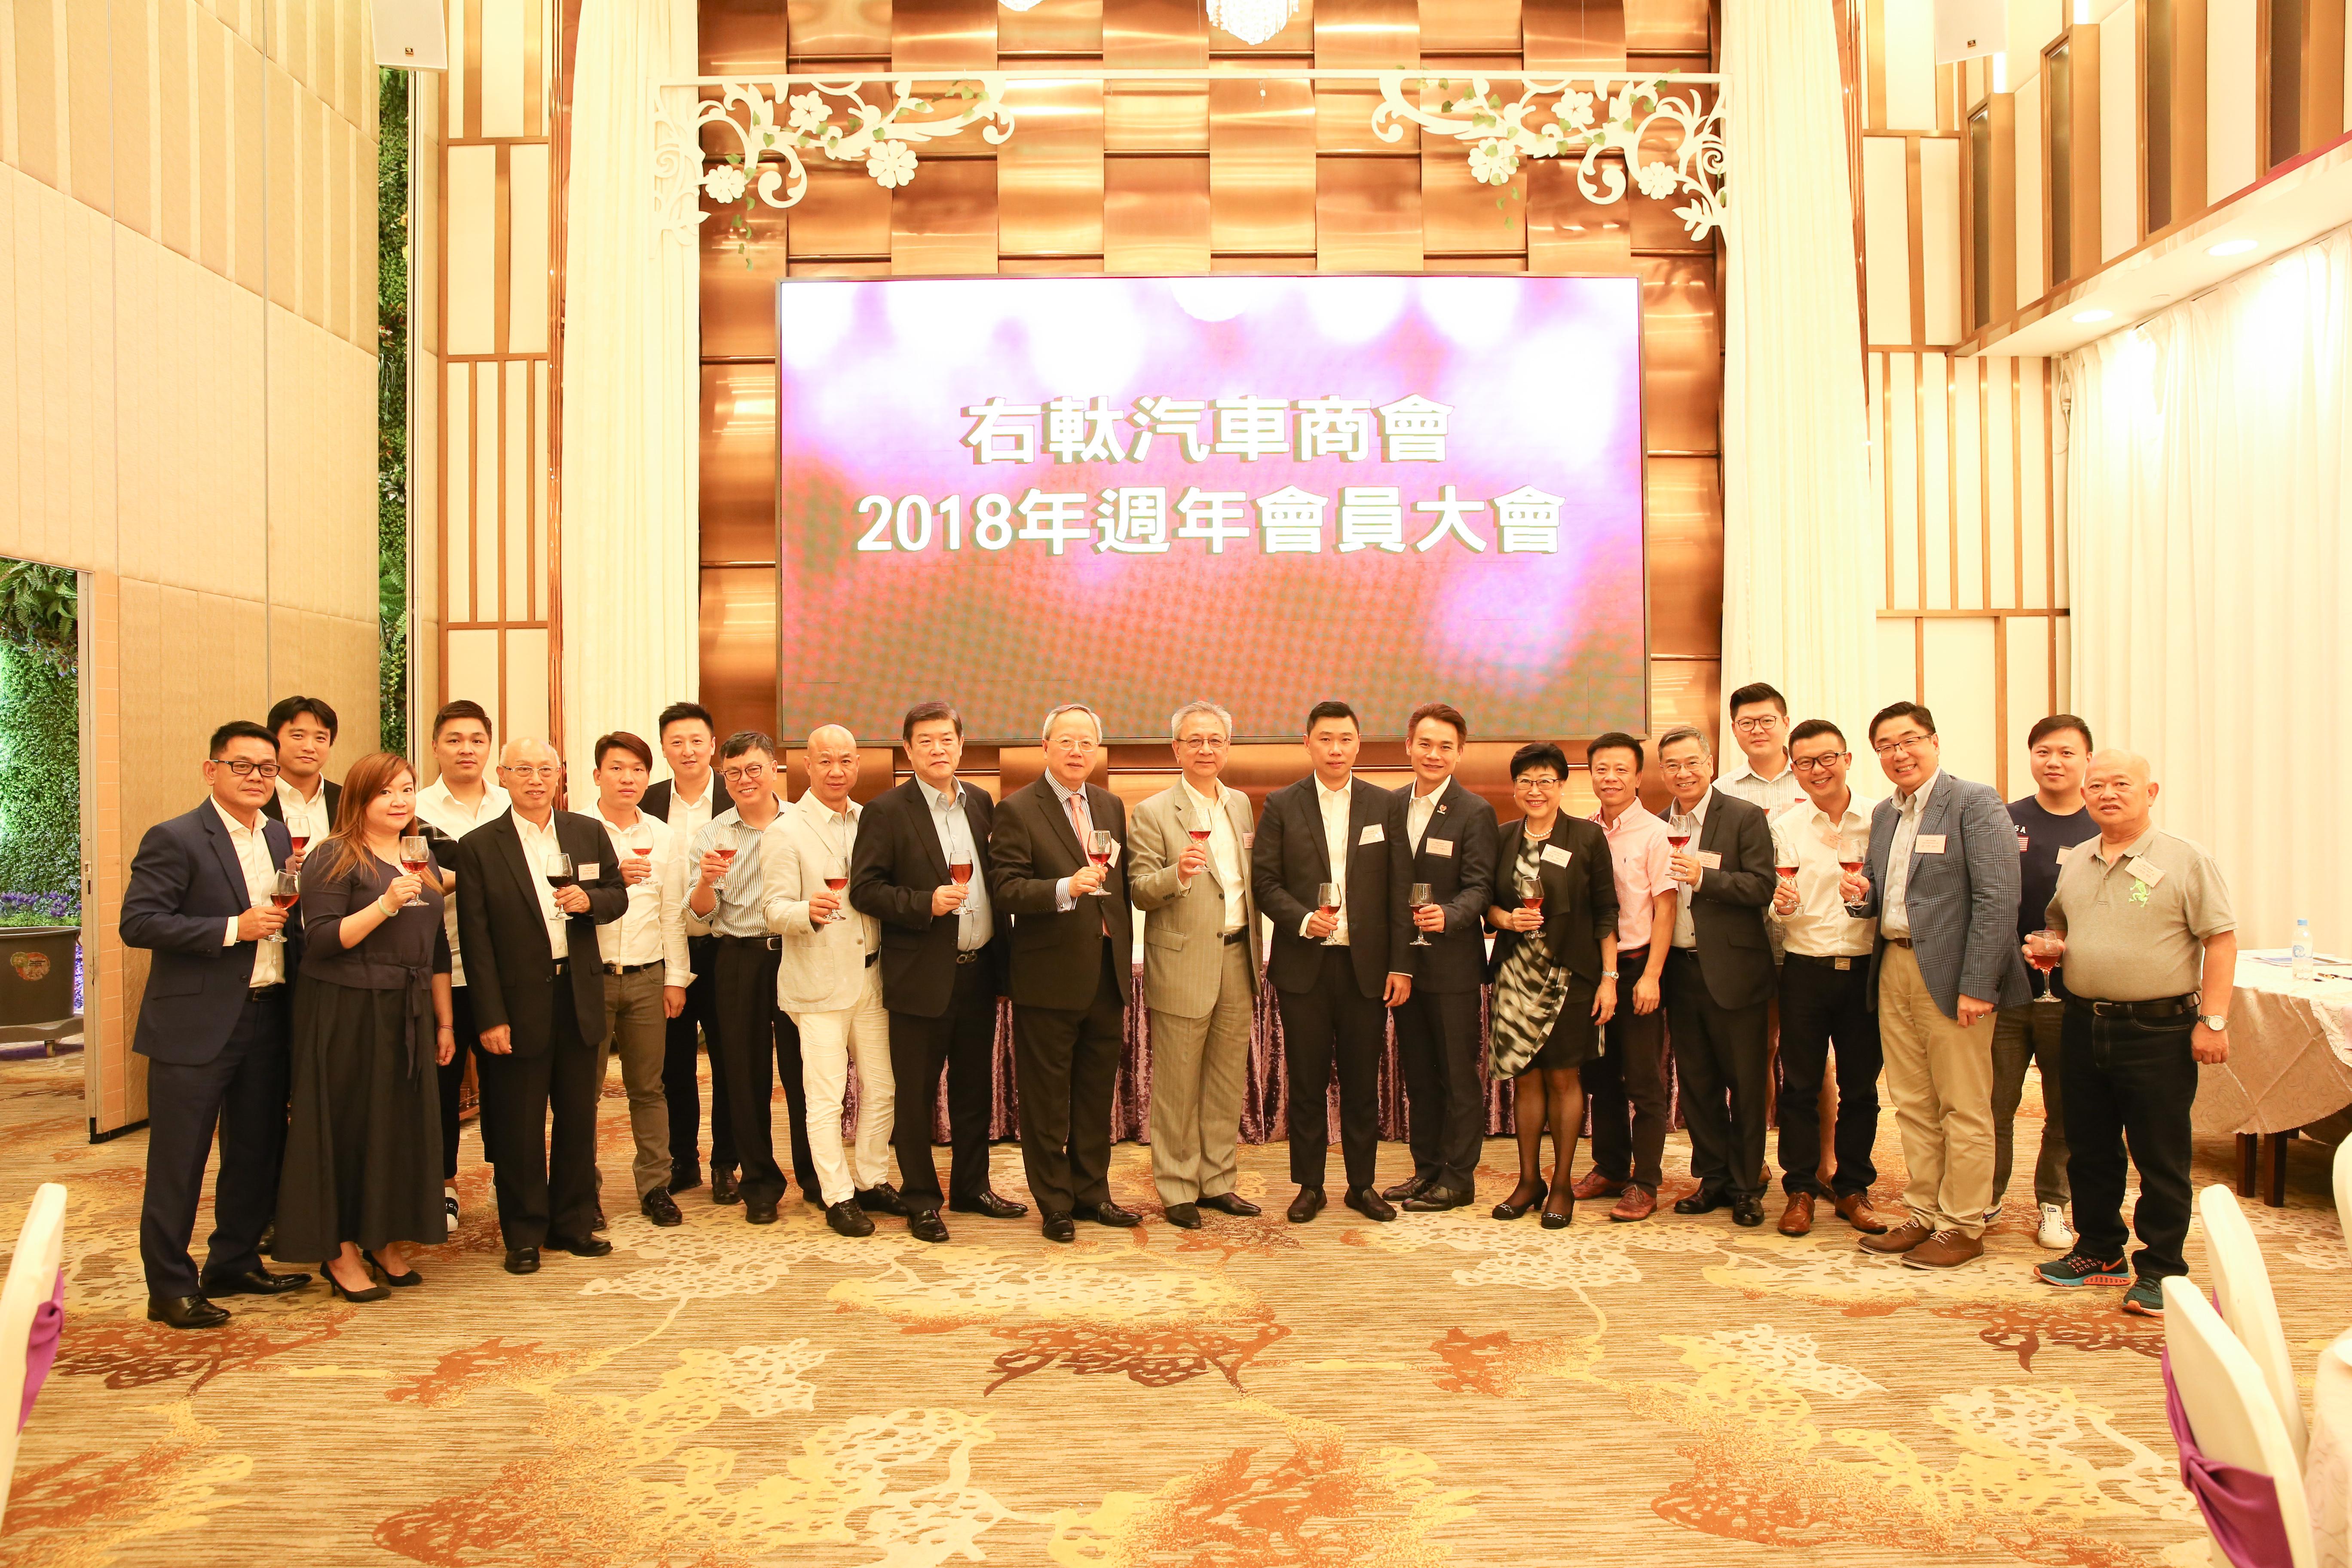 「2018年週年會員大會」順利舉行